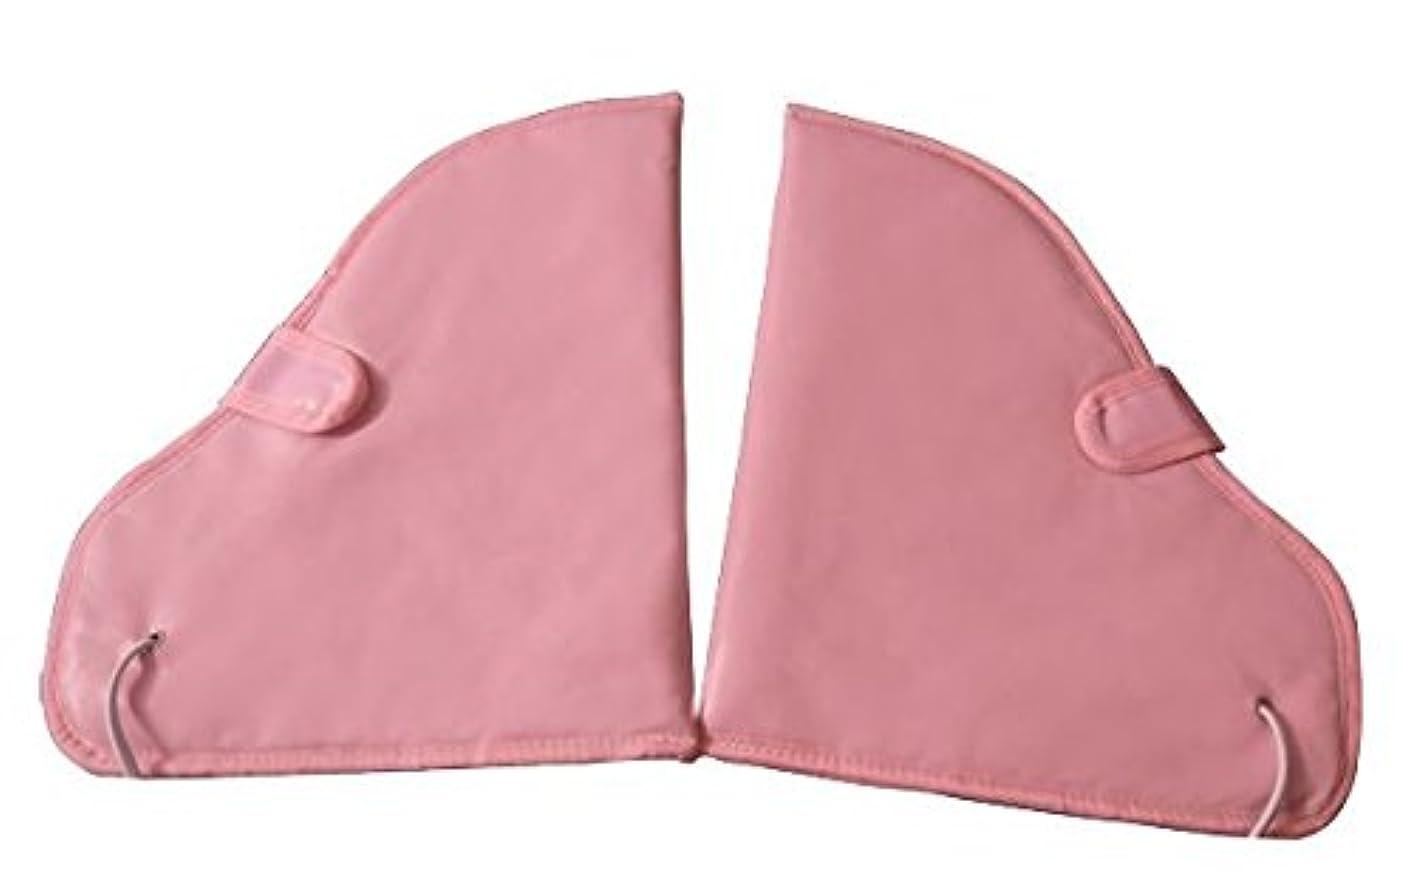 愛国的な誤解を招く超えるウォーミング ブーツ ★選べる3色【新色入荷】 (ピンク)